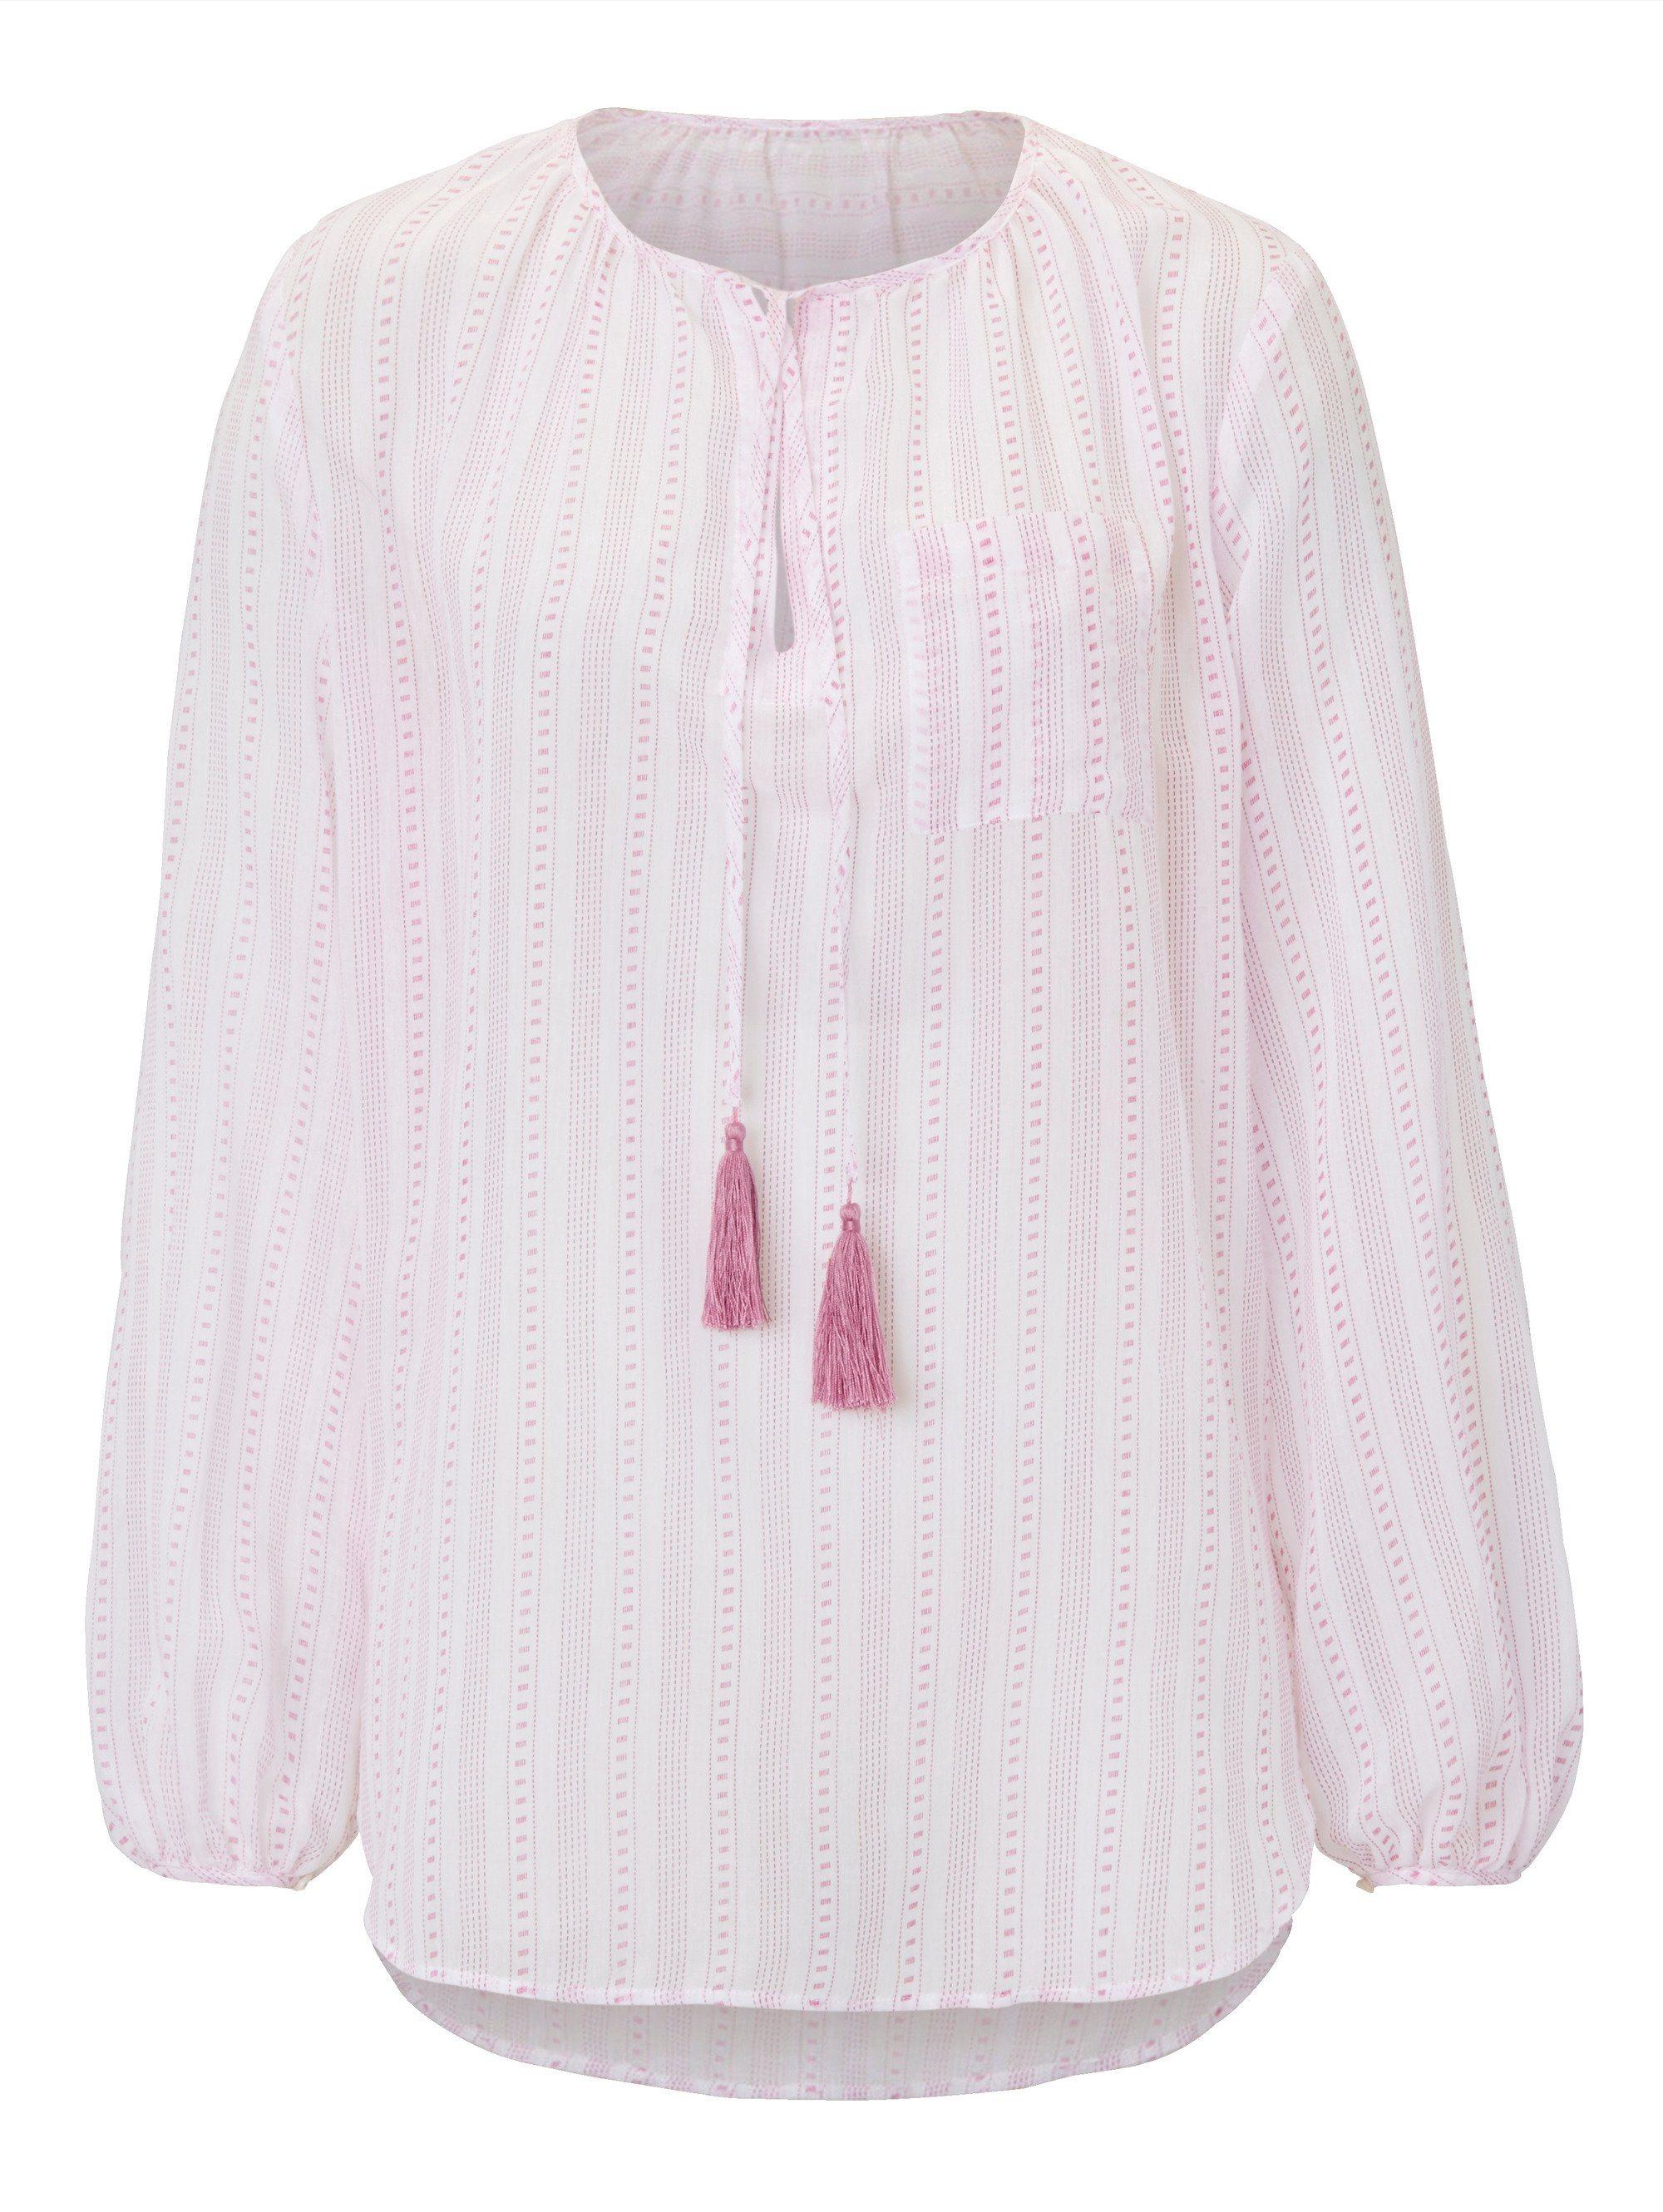 Mellow Peach Tunika im Wäsche-Look | Bekleidung > Tuniken > Sonstige Tuniken | Polyester - Baumwolle | Mellow Peach